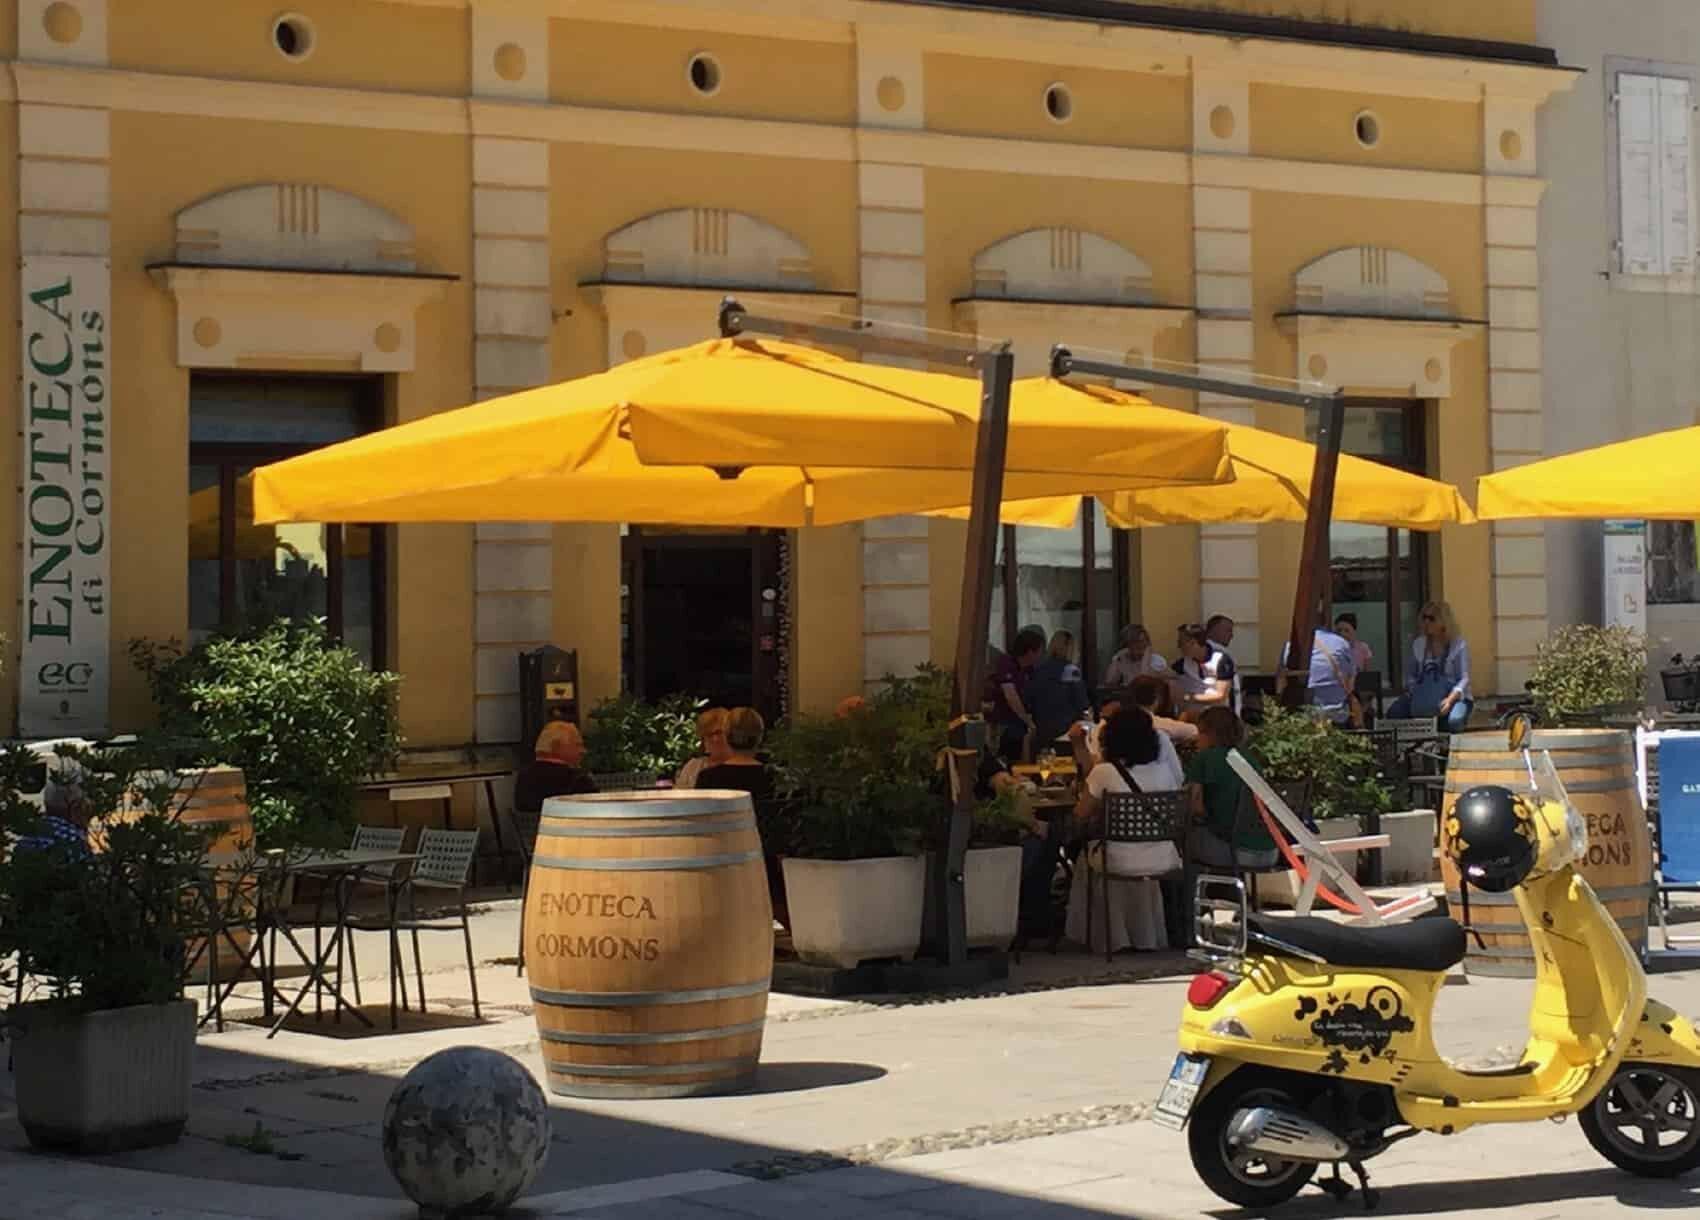 Enoteca de Cormons in Friuli